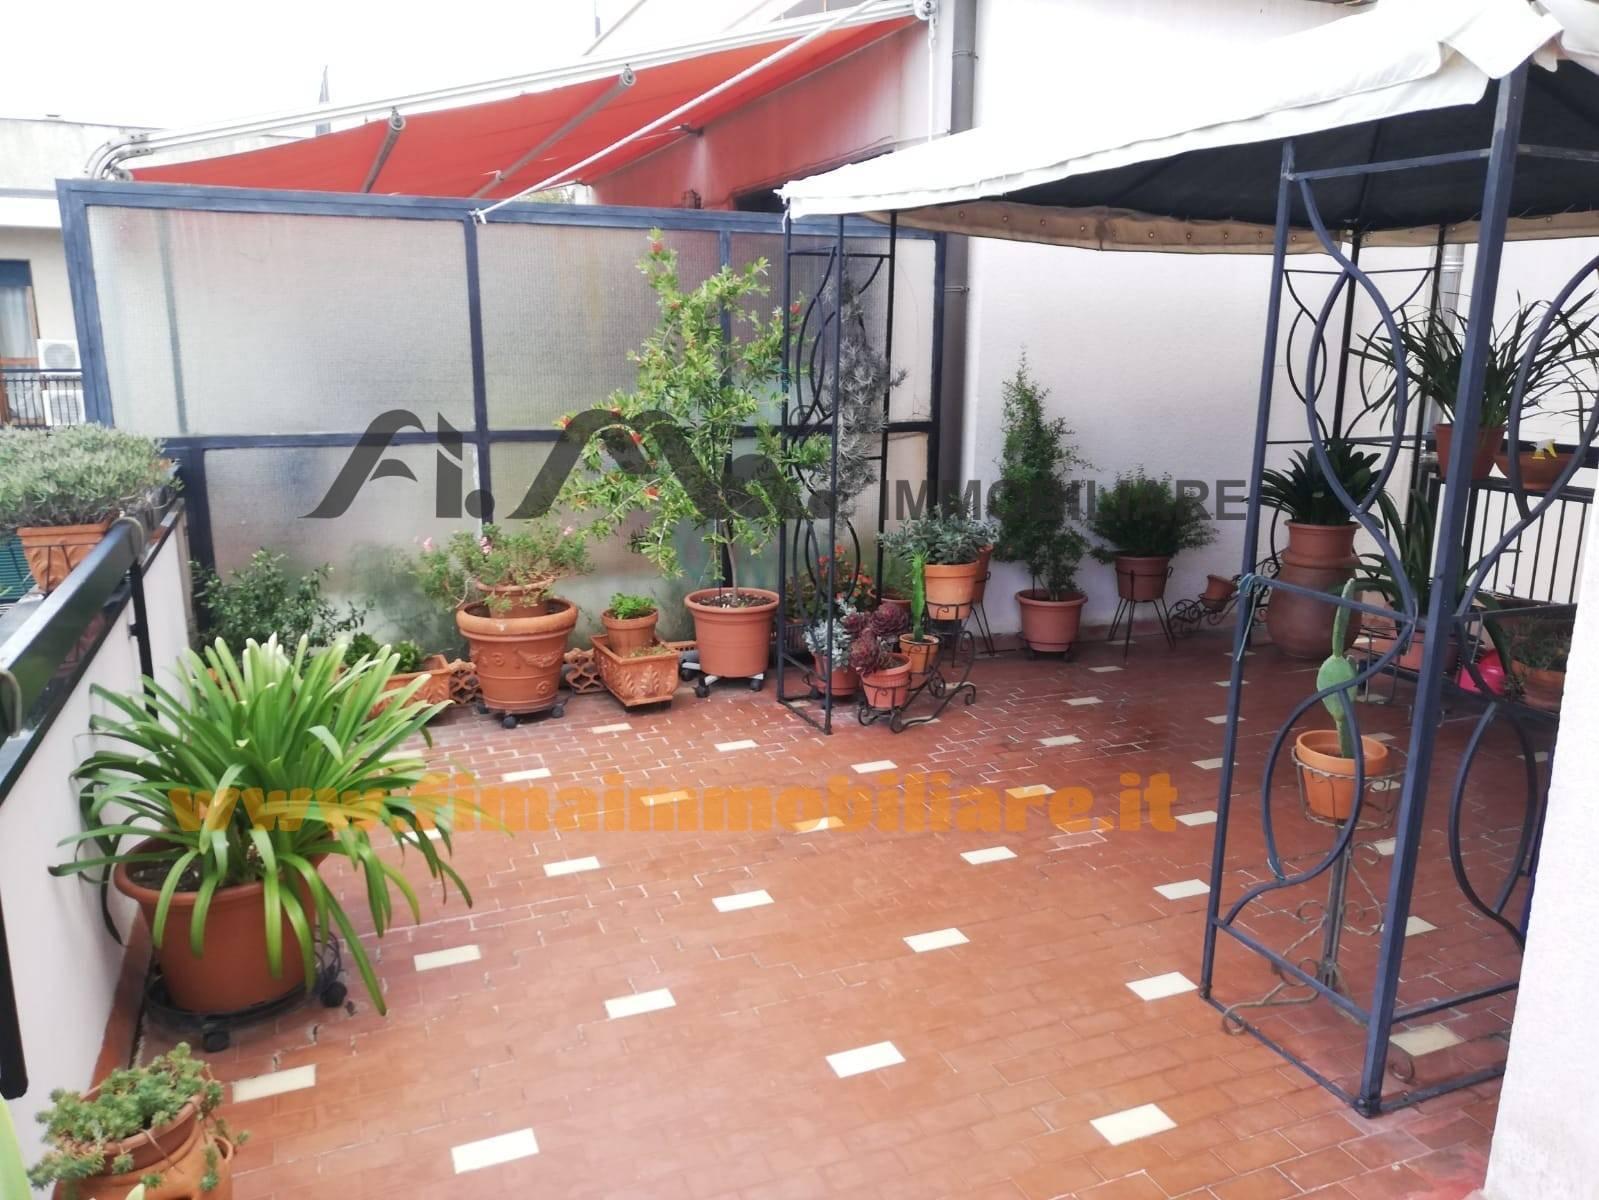 Appartamento in vendita a Savona, 5 locali, zona Località: LaRusca, prezzo € 200.000   PortaleAgenzieImmobiliari.it